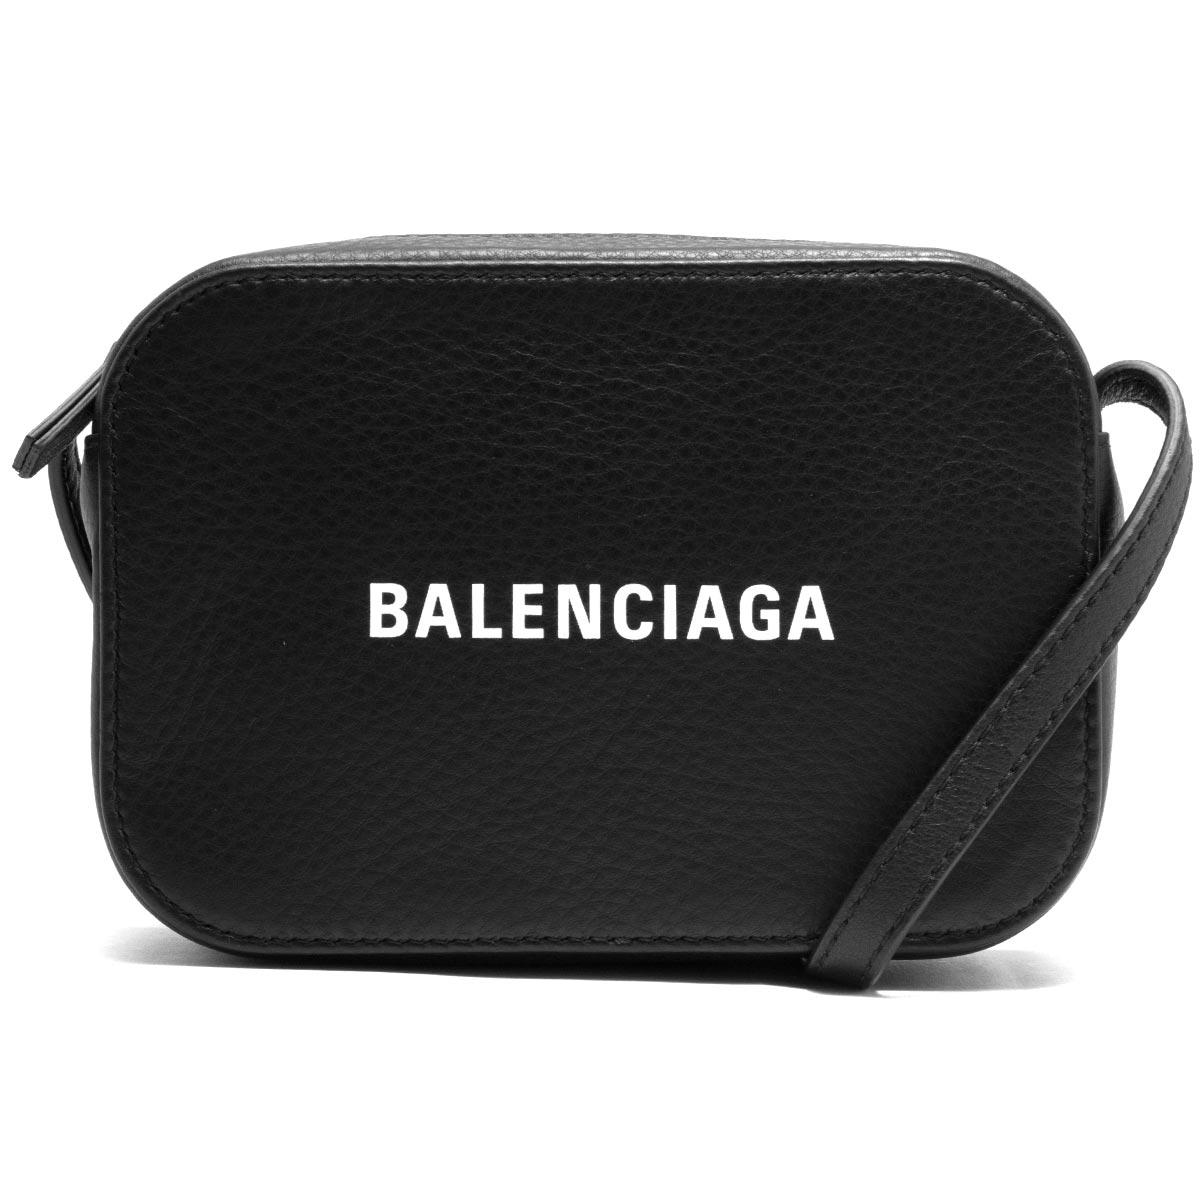 バレンシアガ ショルダーバッグ バッグ レディース エブリディ カメラ XS ブラック 552372 D6W2N 1000 2019年春夏新作 BALENCIAGA